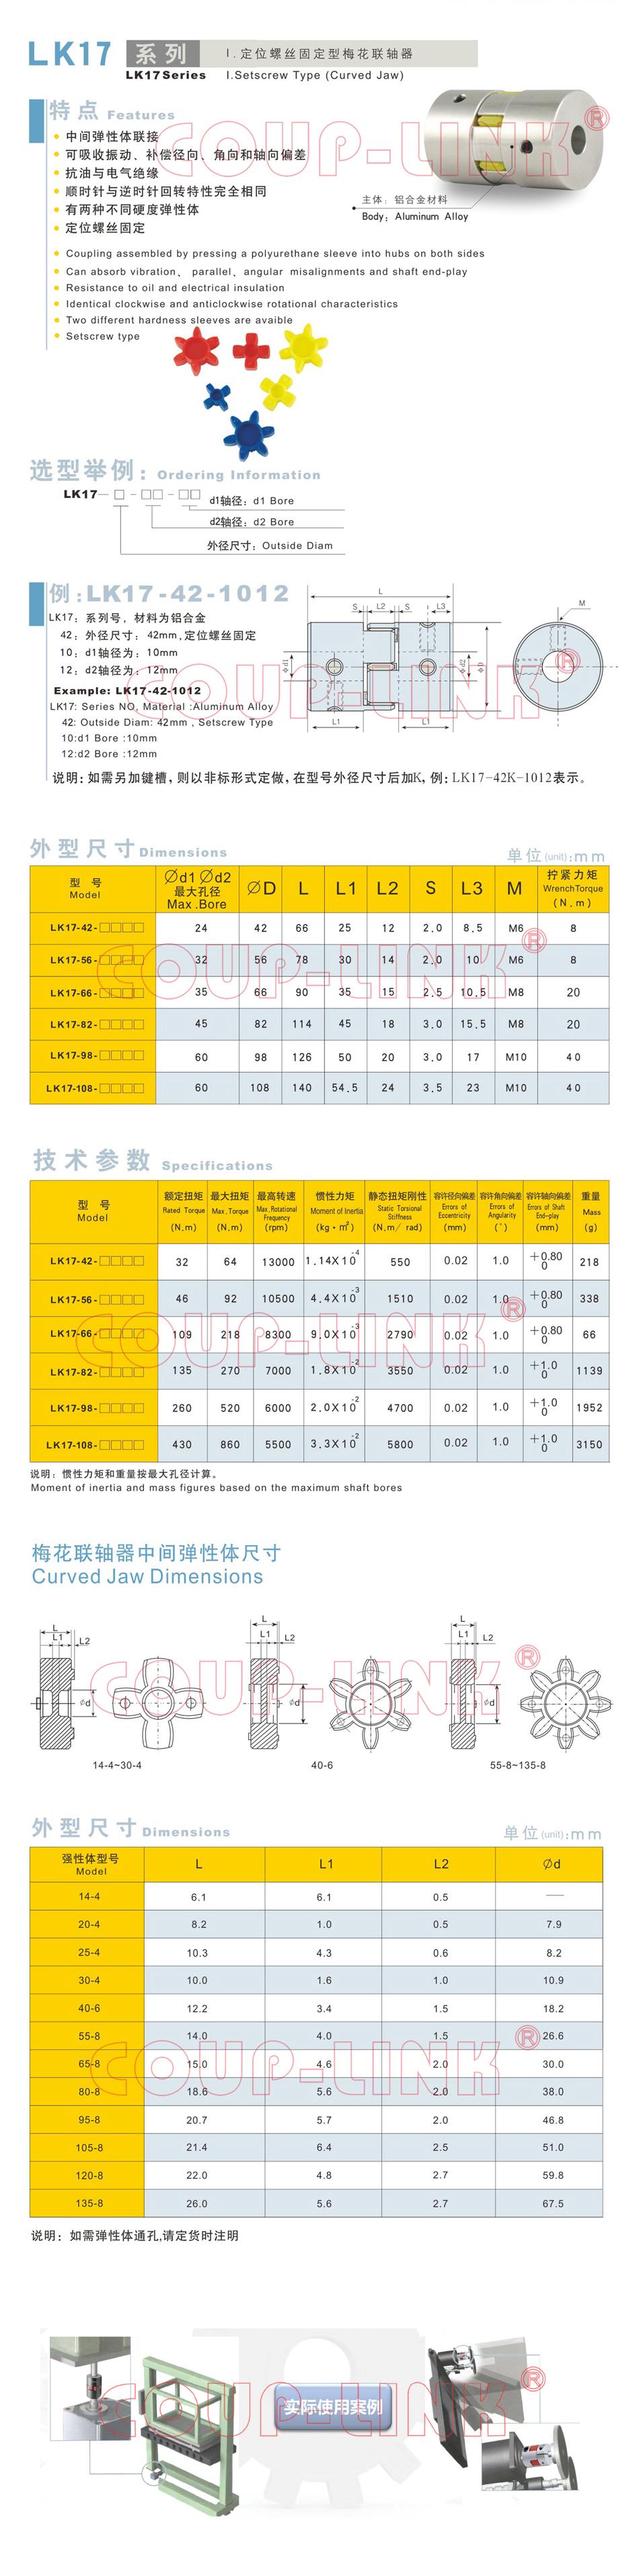 LK17系列 定位螺絲固定型梅花老子有钱app_老子有钱app種類-廣州老子有钱自動化設備有限公司